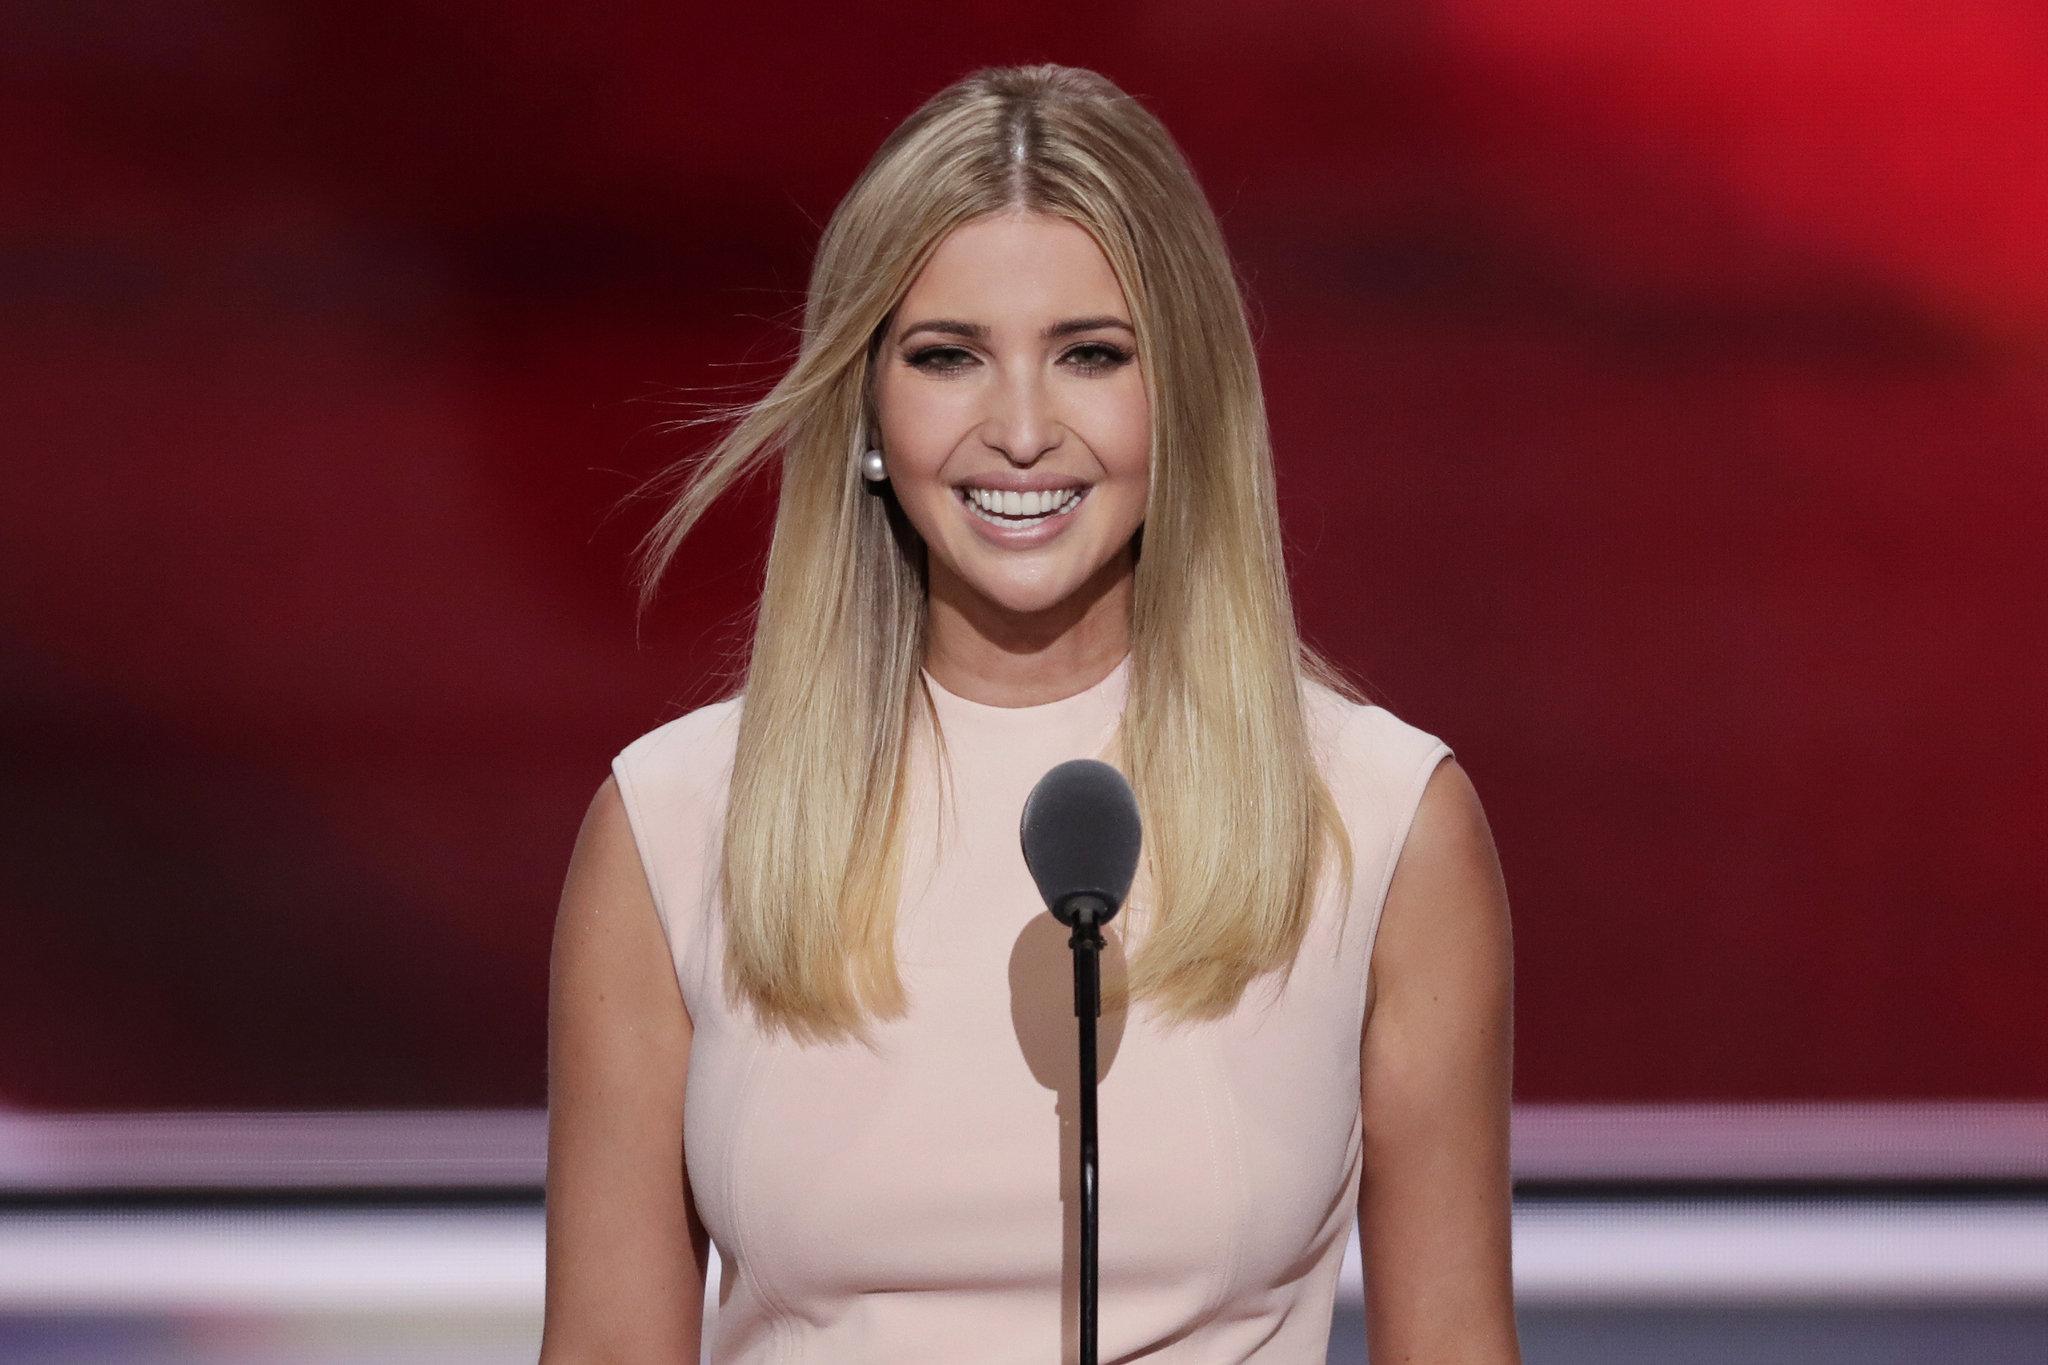 """Con gái Trump bỏ việc để làm thay """"vai"""" đệ nhất phu nhân? - 1"""